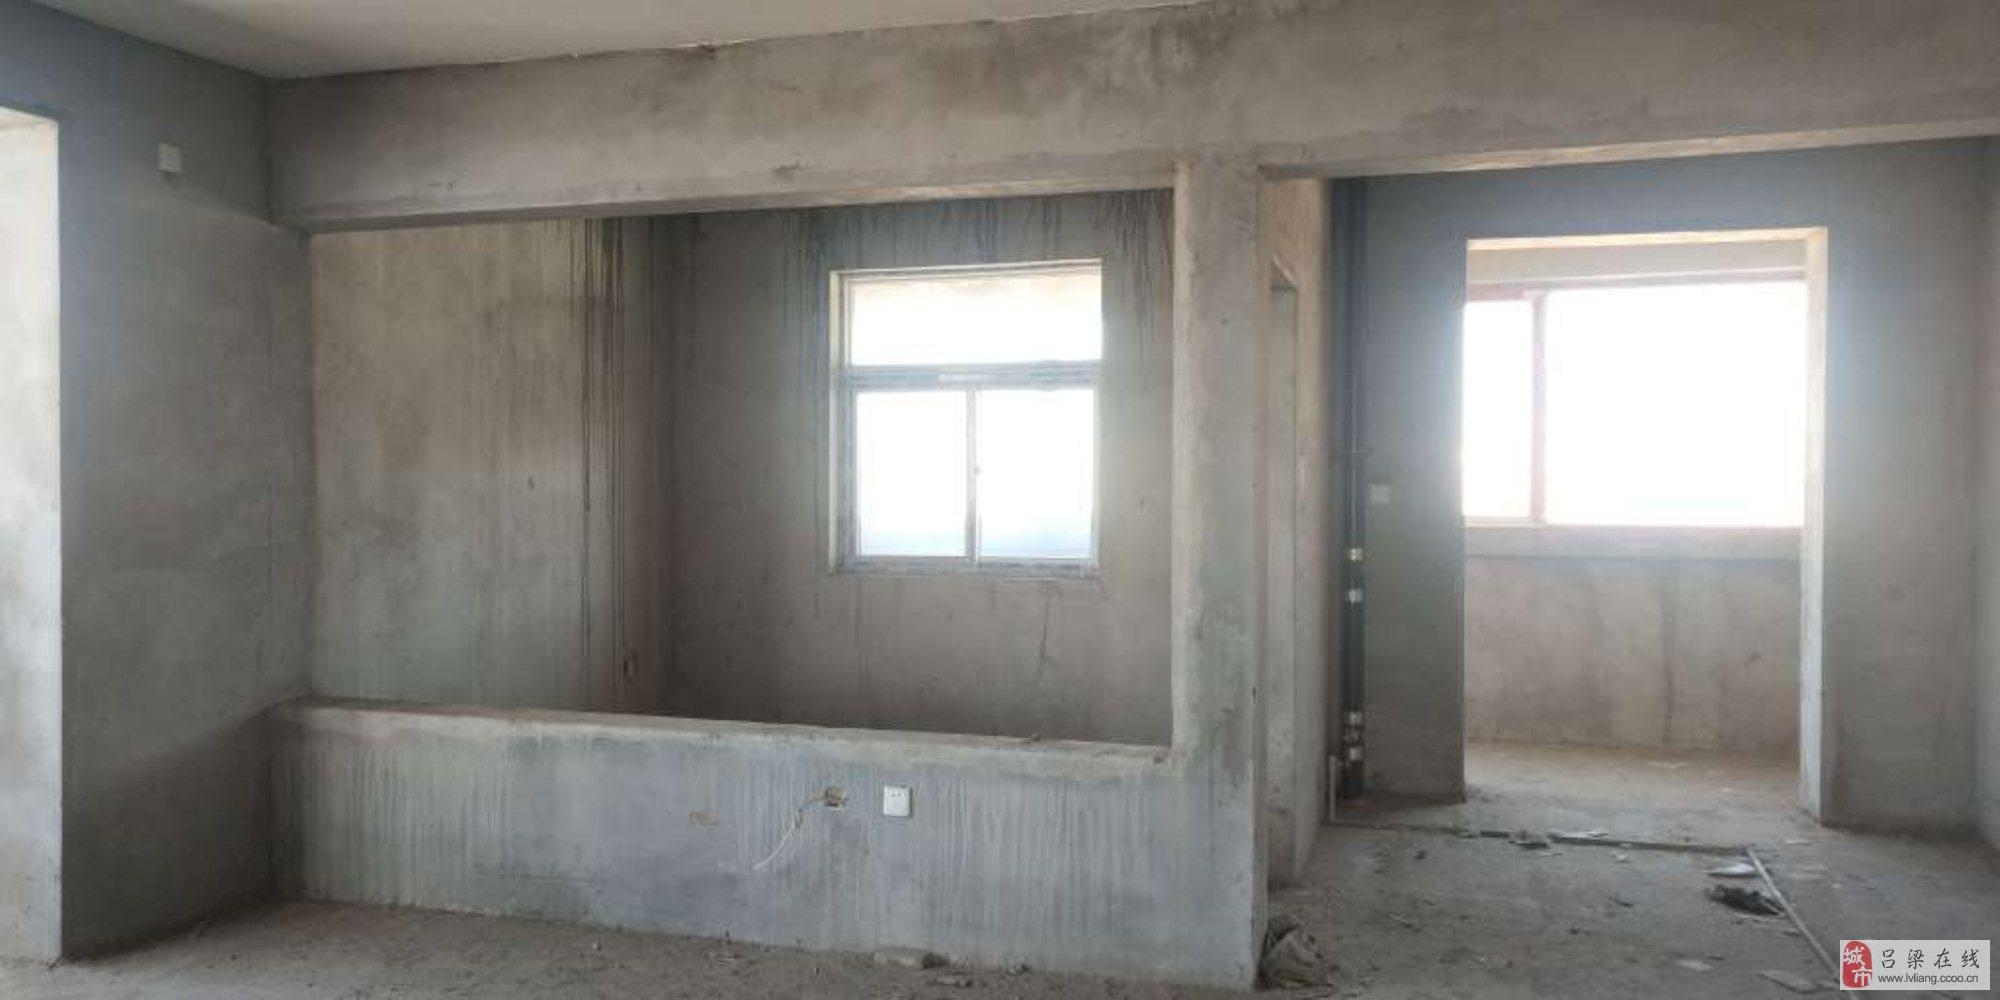 善水苑3室2厅1卫68万元145平米